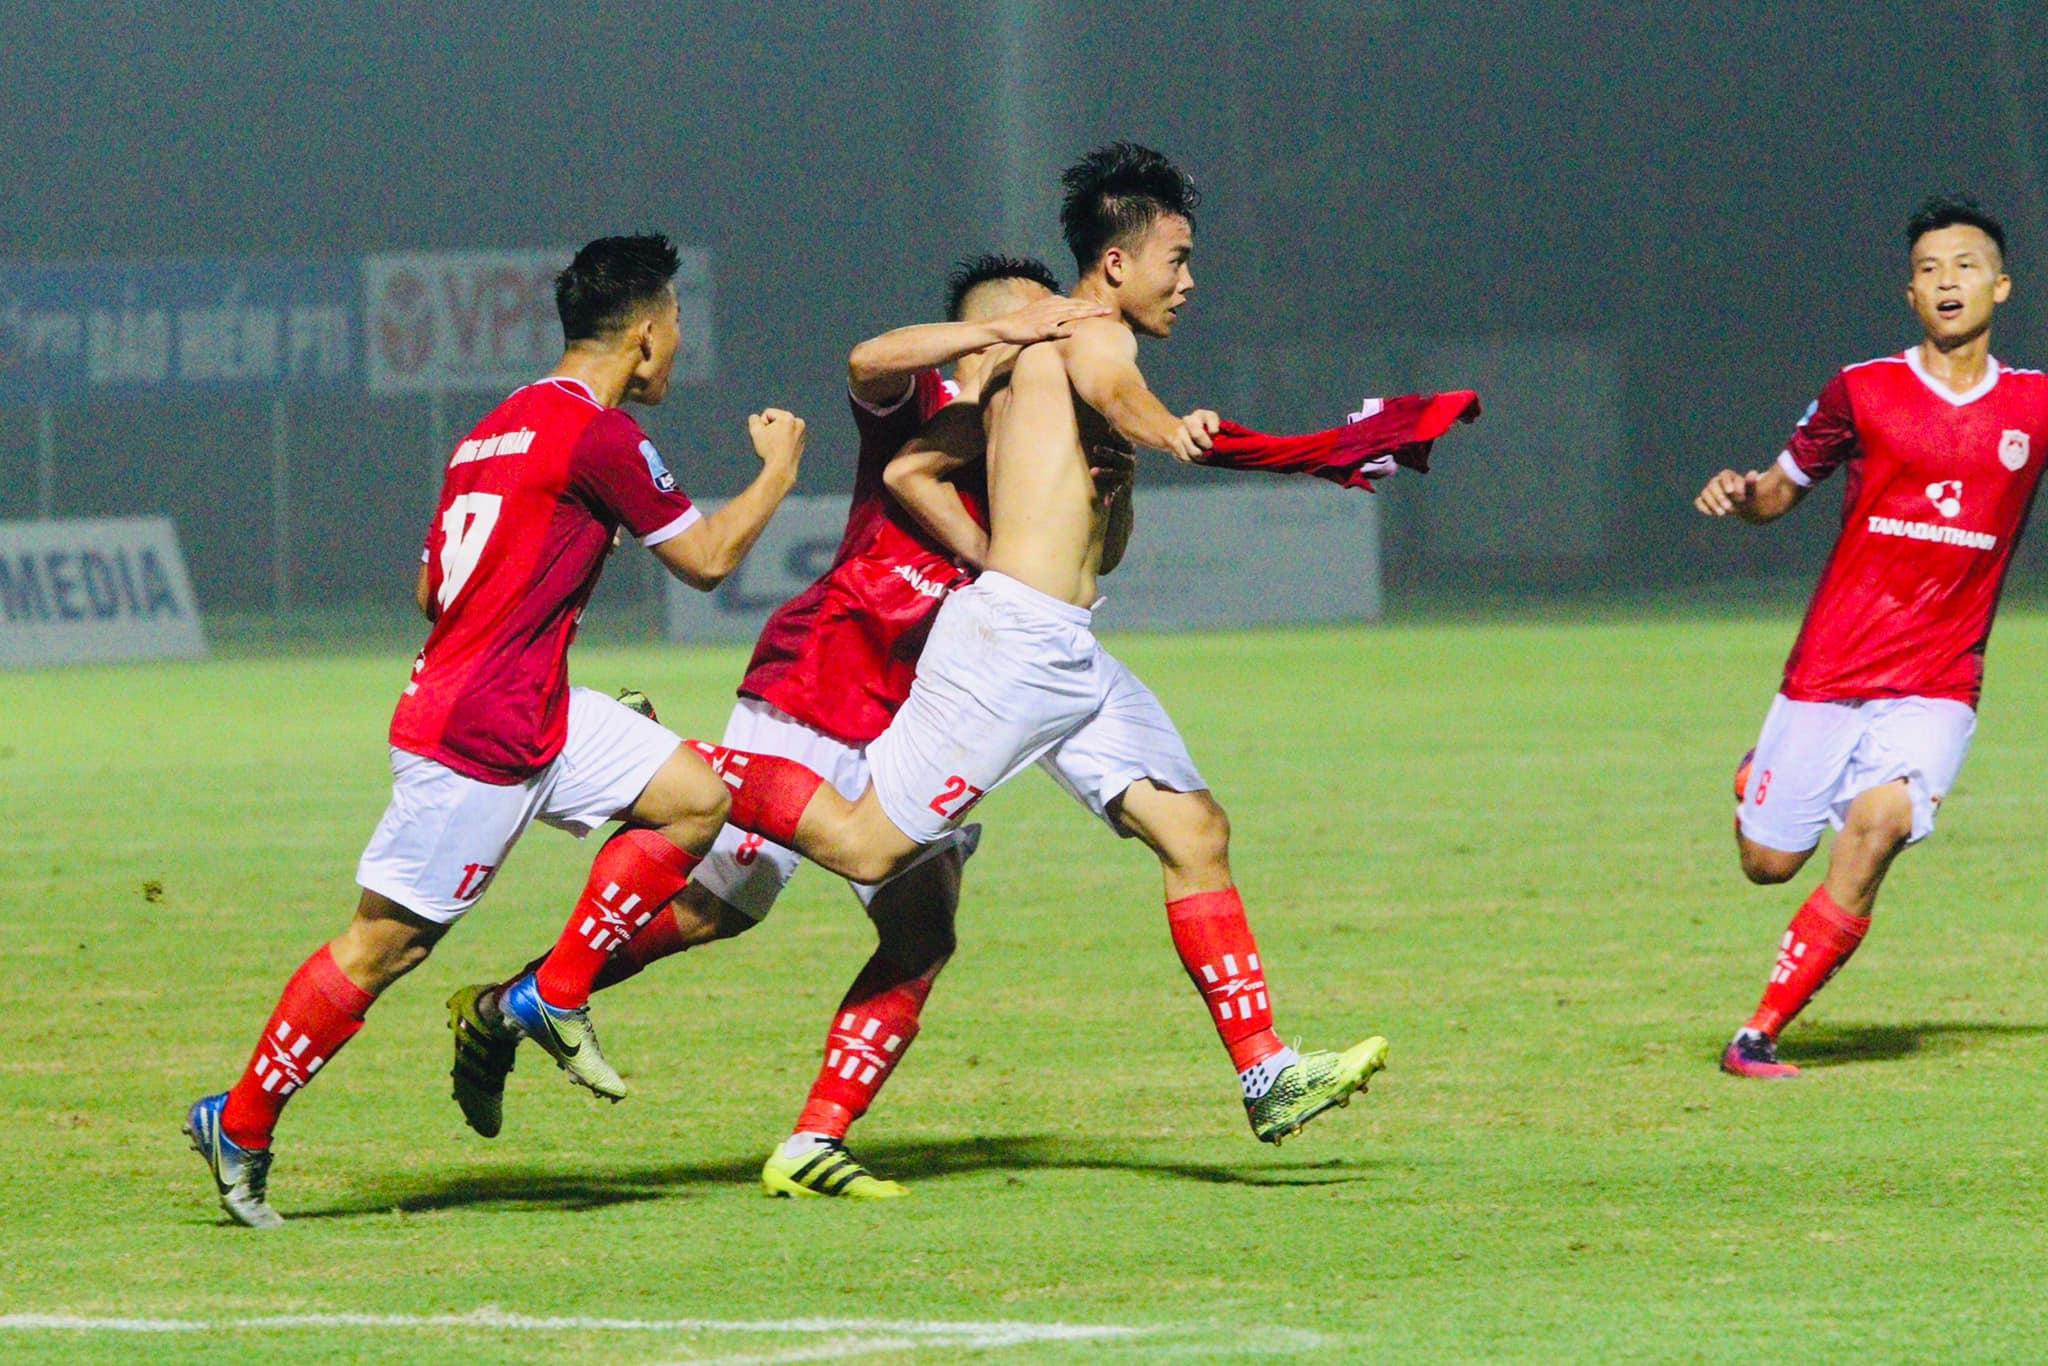 Trực tiếp Đồng Tháp 1-0 Phố Hiến (H1): Bàn thắng bất ngờ